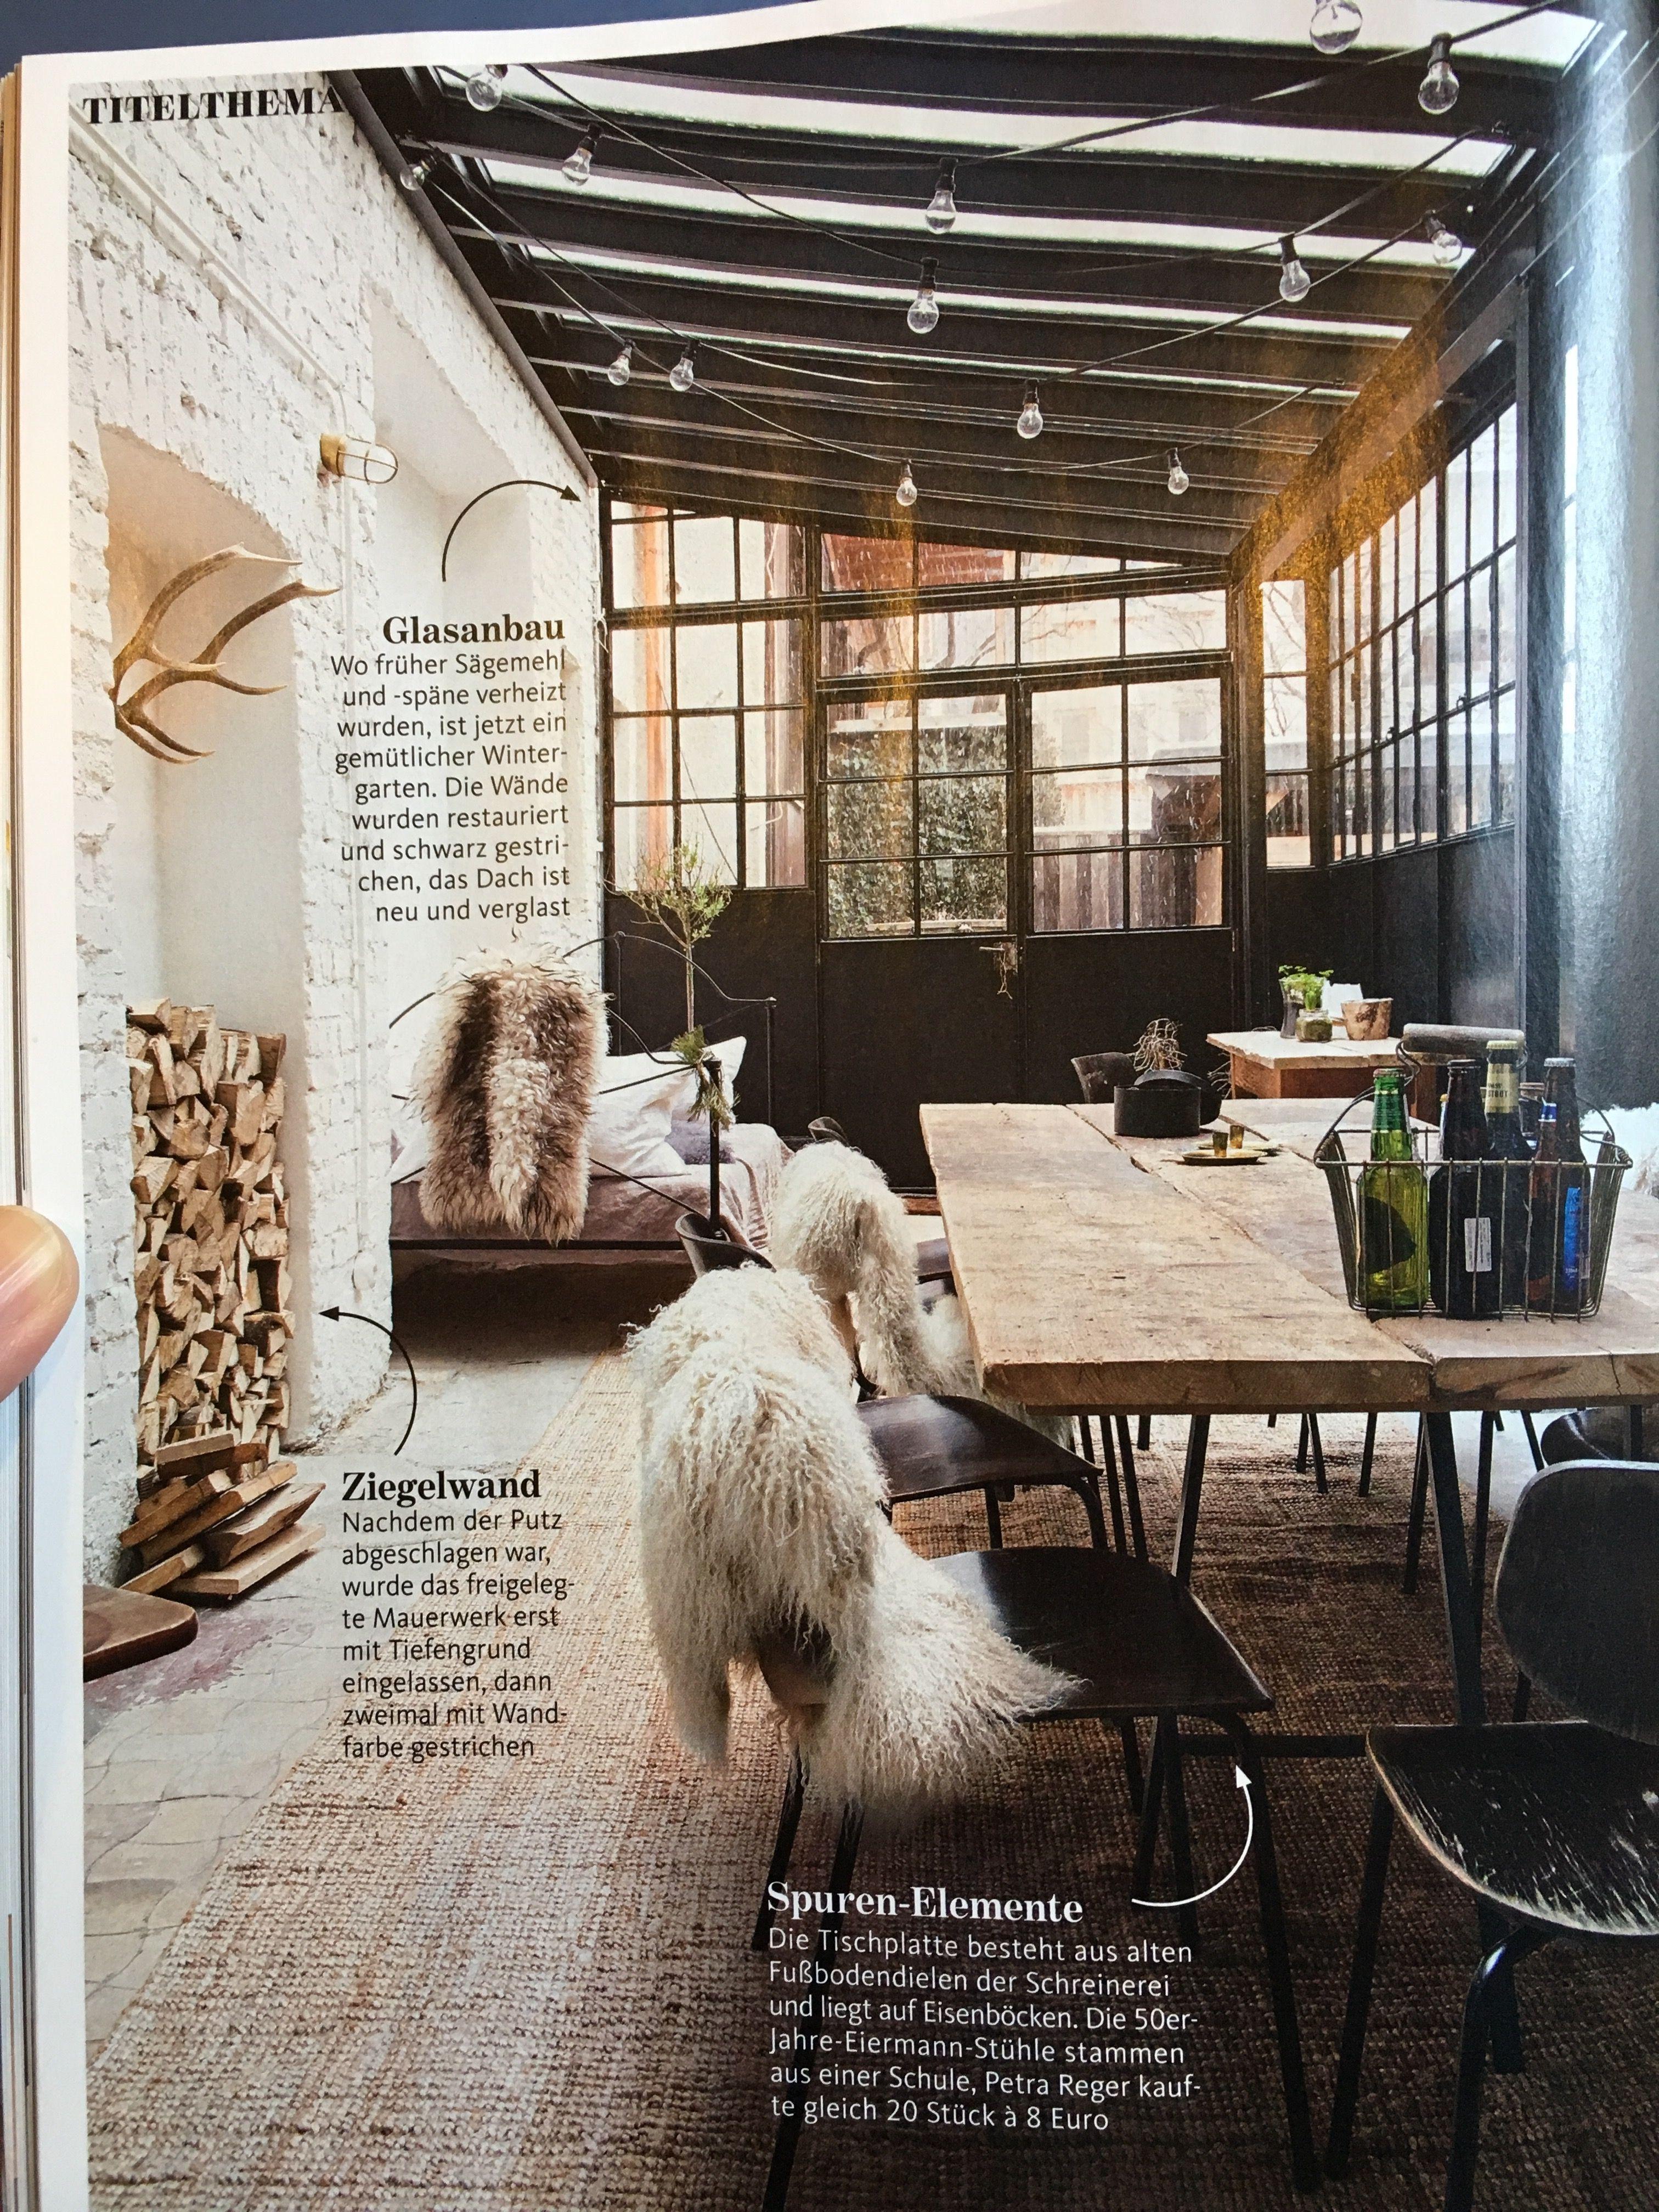 wintergarten alte schreinerei sch ner wohnen industrie. Black Bedroom Furniture Sets. Home Design Ideas